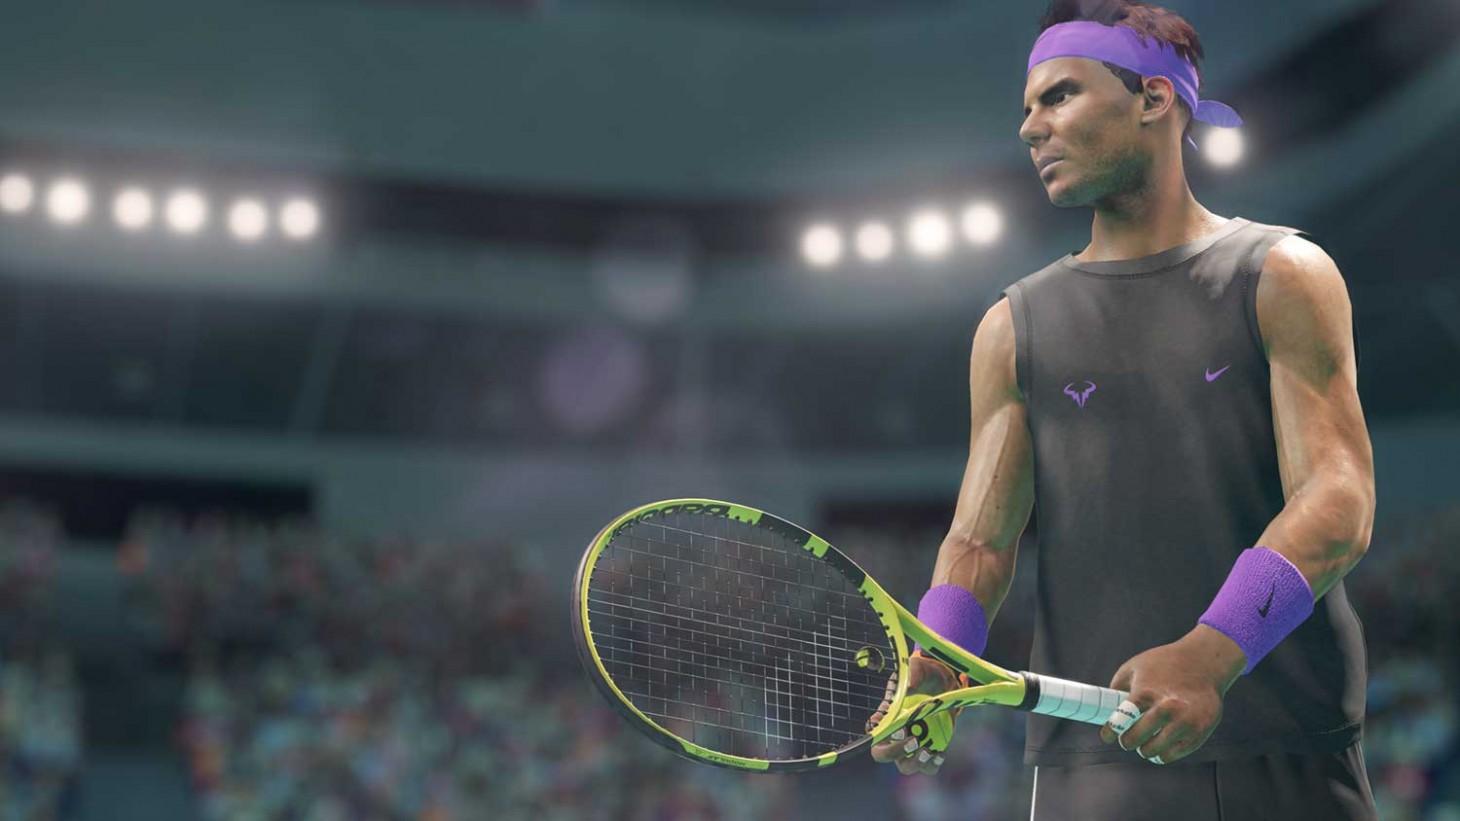 Rafa Nadal In AO Tennis 2 | AO Tennis 2 - Full Roster List | Popcorn Banter